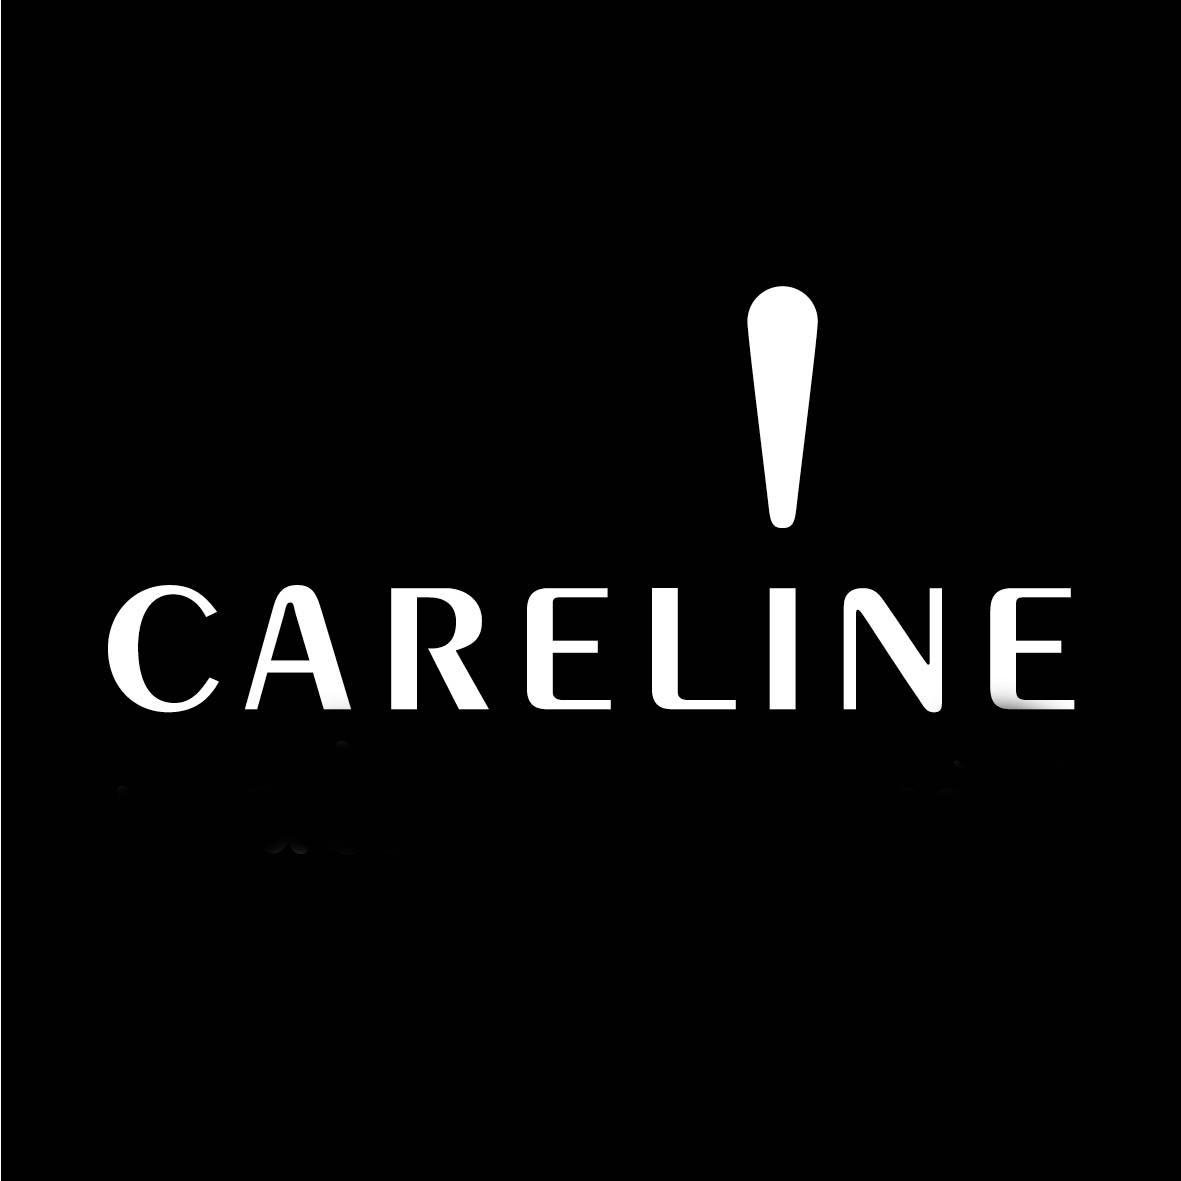 מאות מאפרות מובילות במפגש היכרות עם מגוון מוצרי קרליין